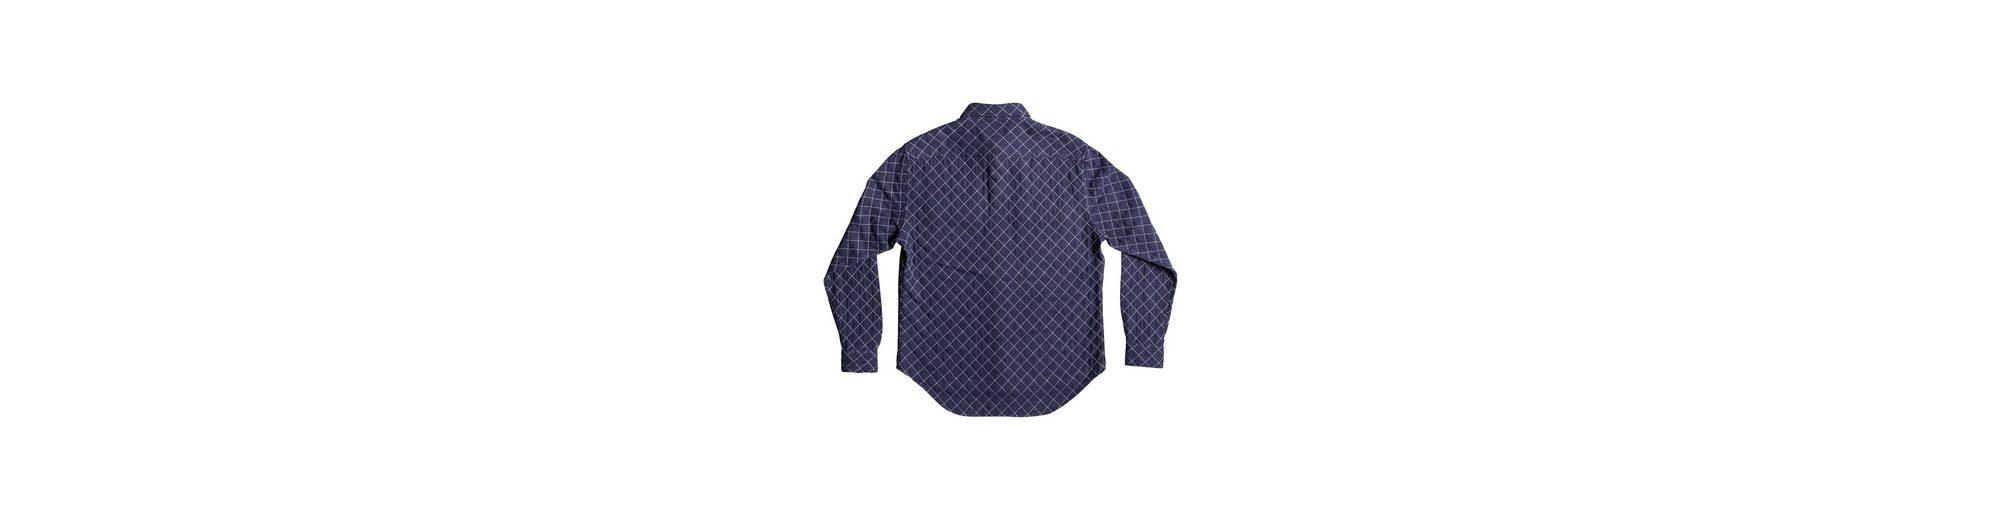 Steckdose Freies Verschiffen Authentische Rabatt Heißen Verkauf Quiksilver Wendbare Langarm-Hemdjacke Rippa Down QacJmo